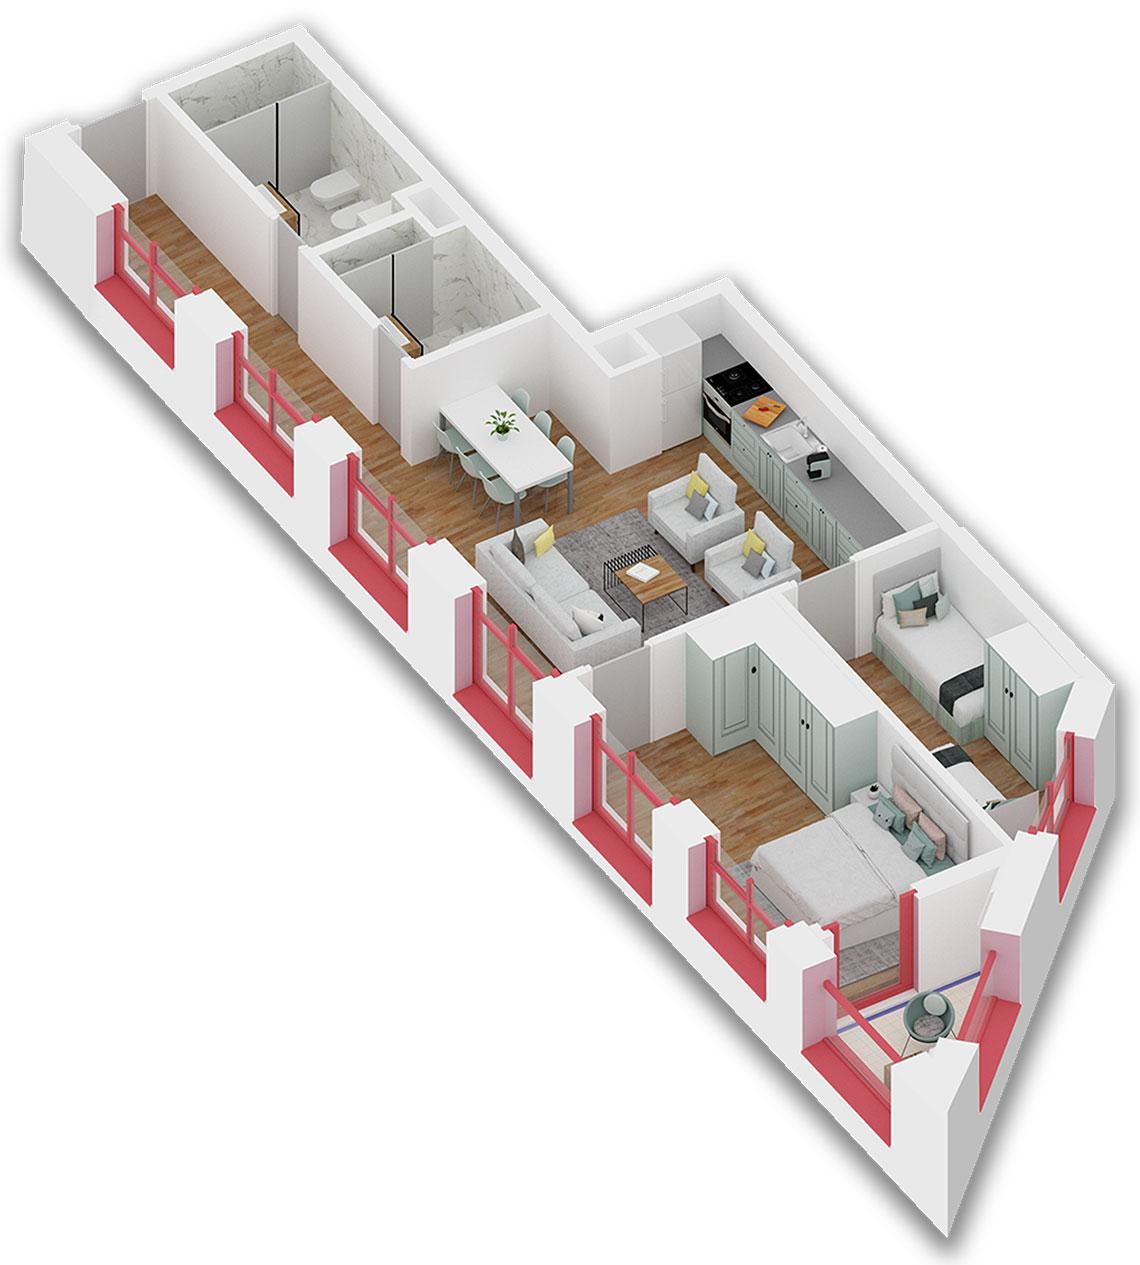 Apartament 2+1 në shitje në Tiranë - Mangalem 21 Shkalla 24 Kati 3